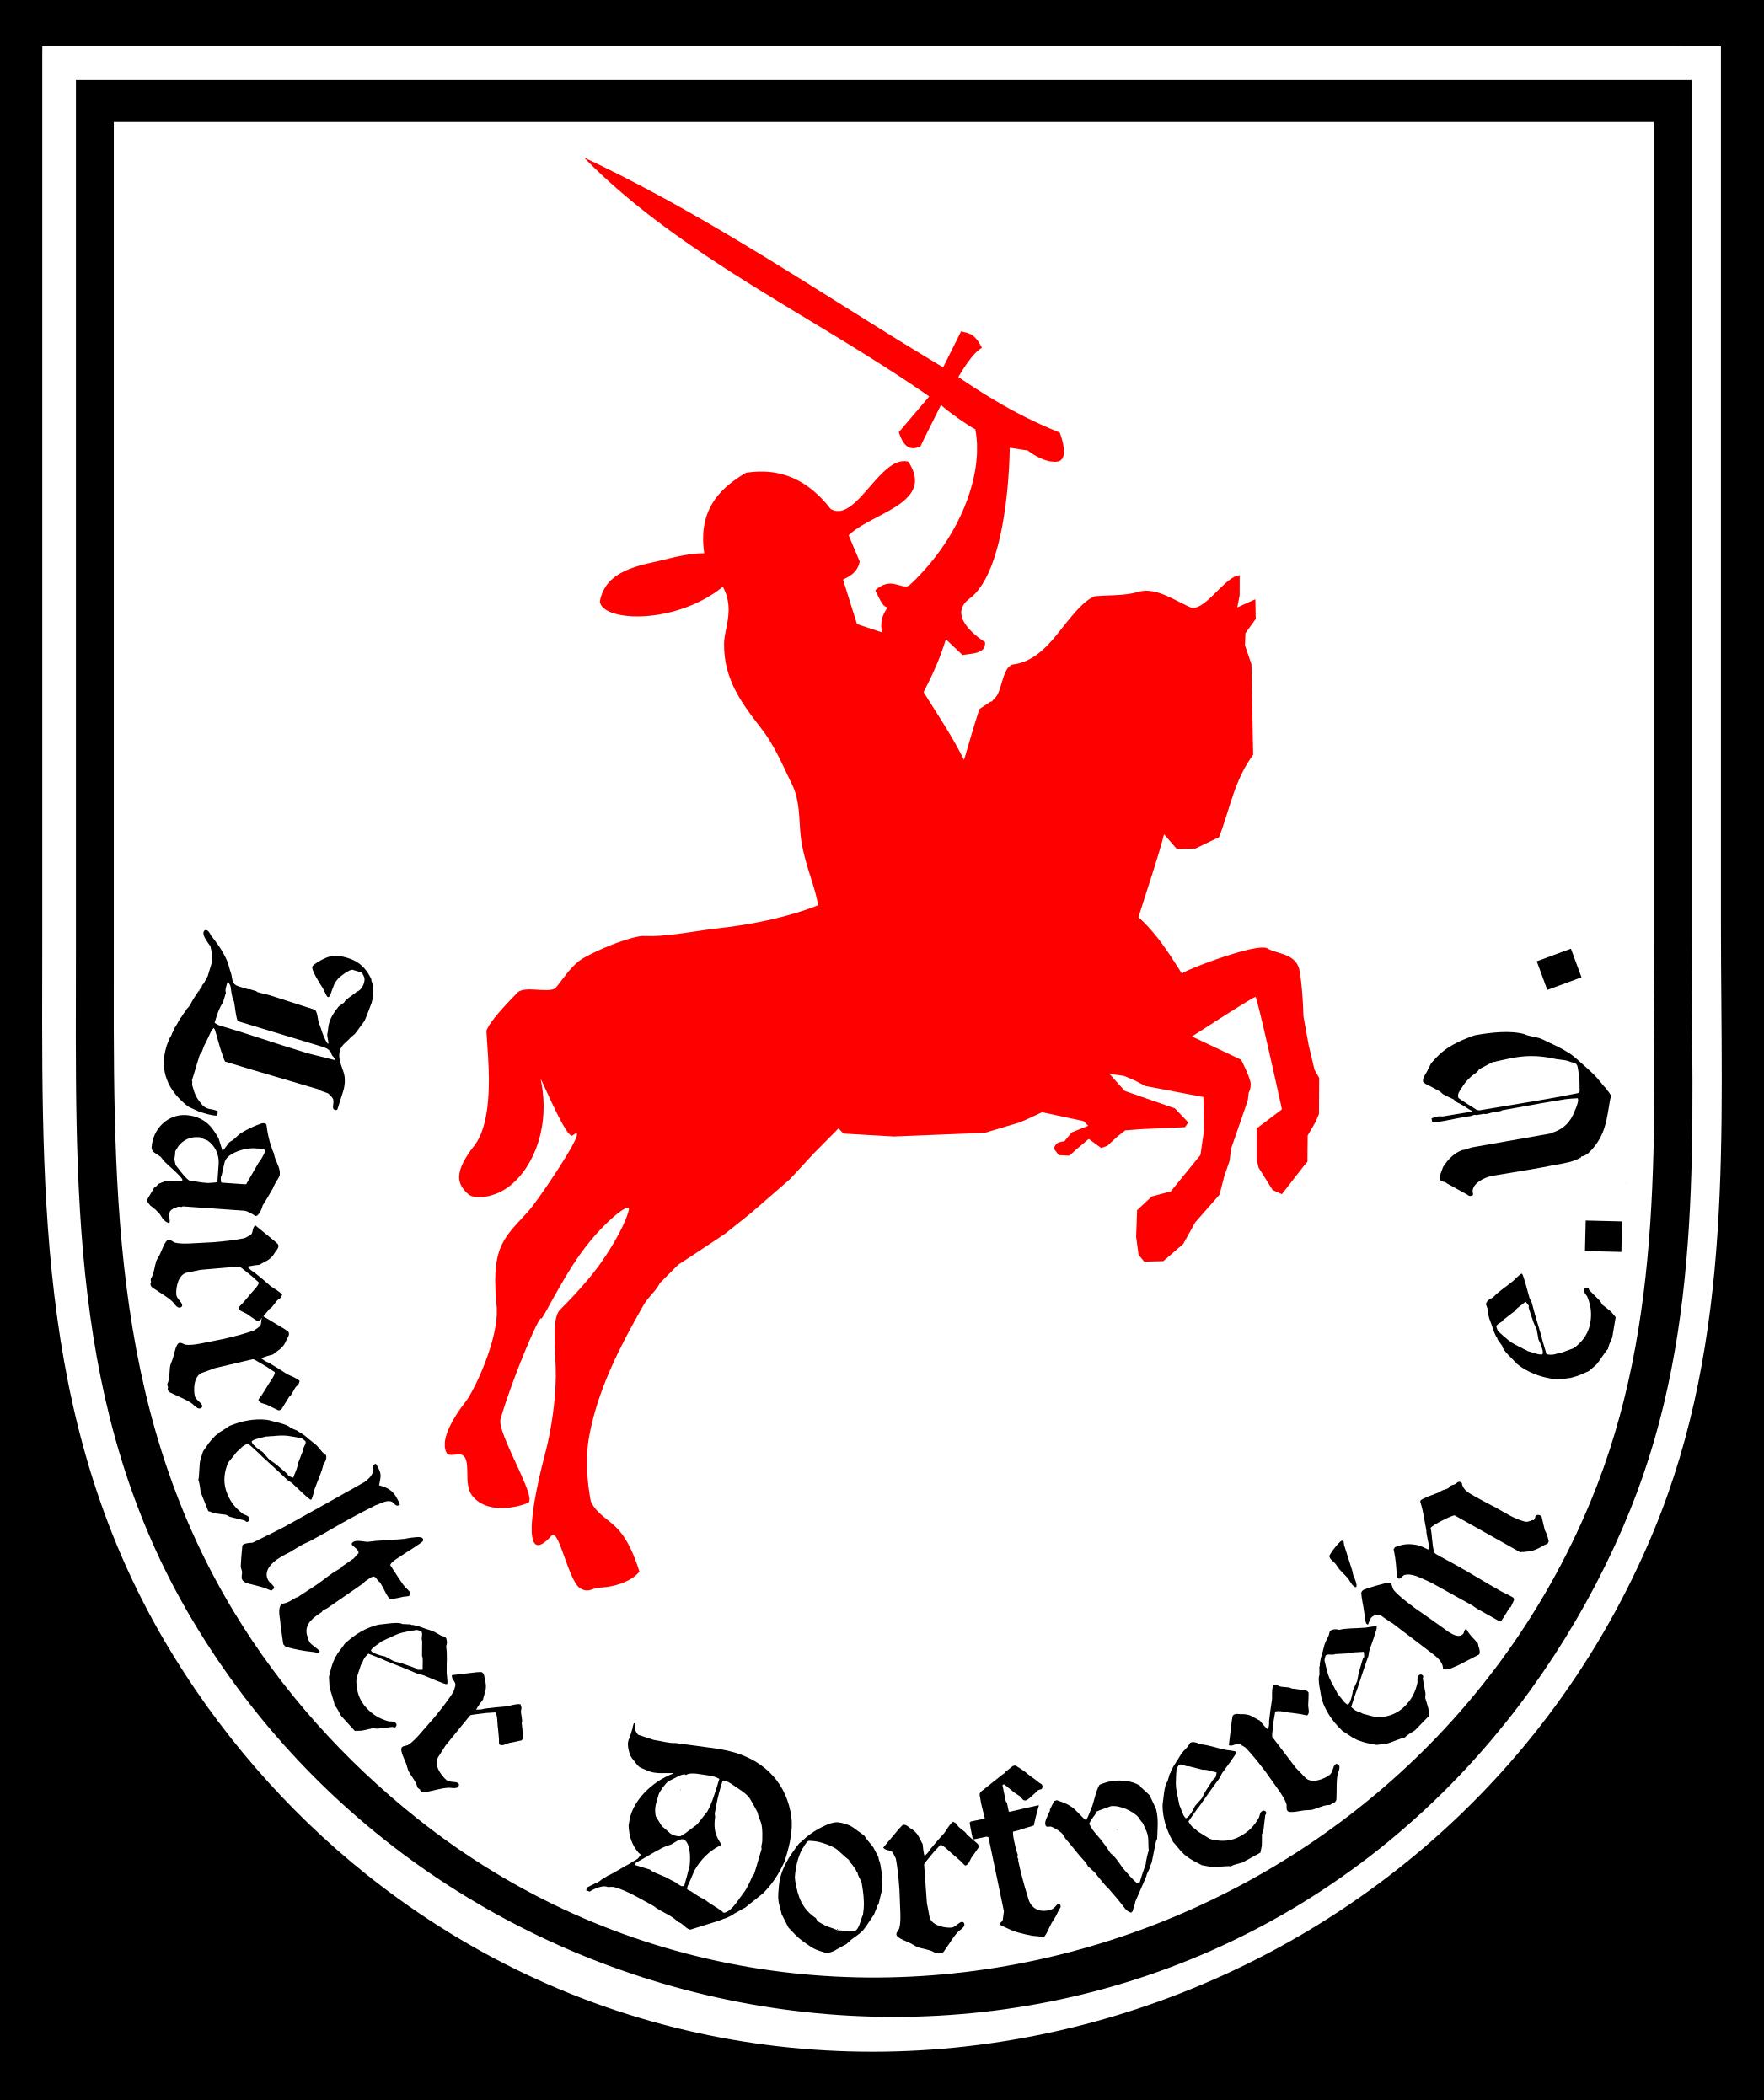 Larrelter Dorfverein e. V.